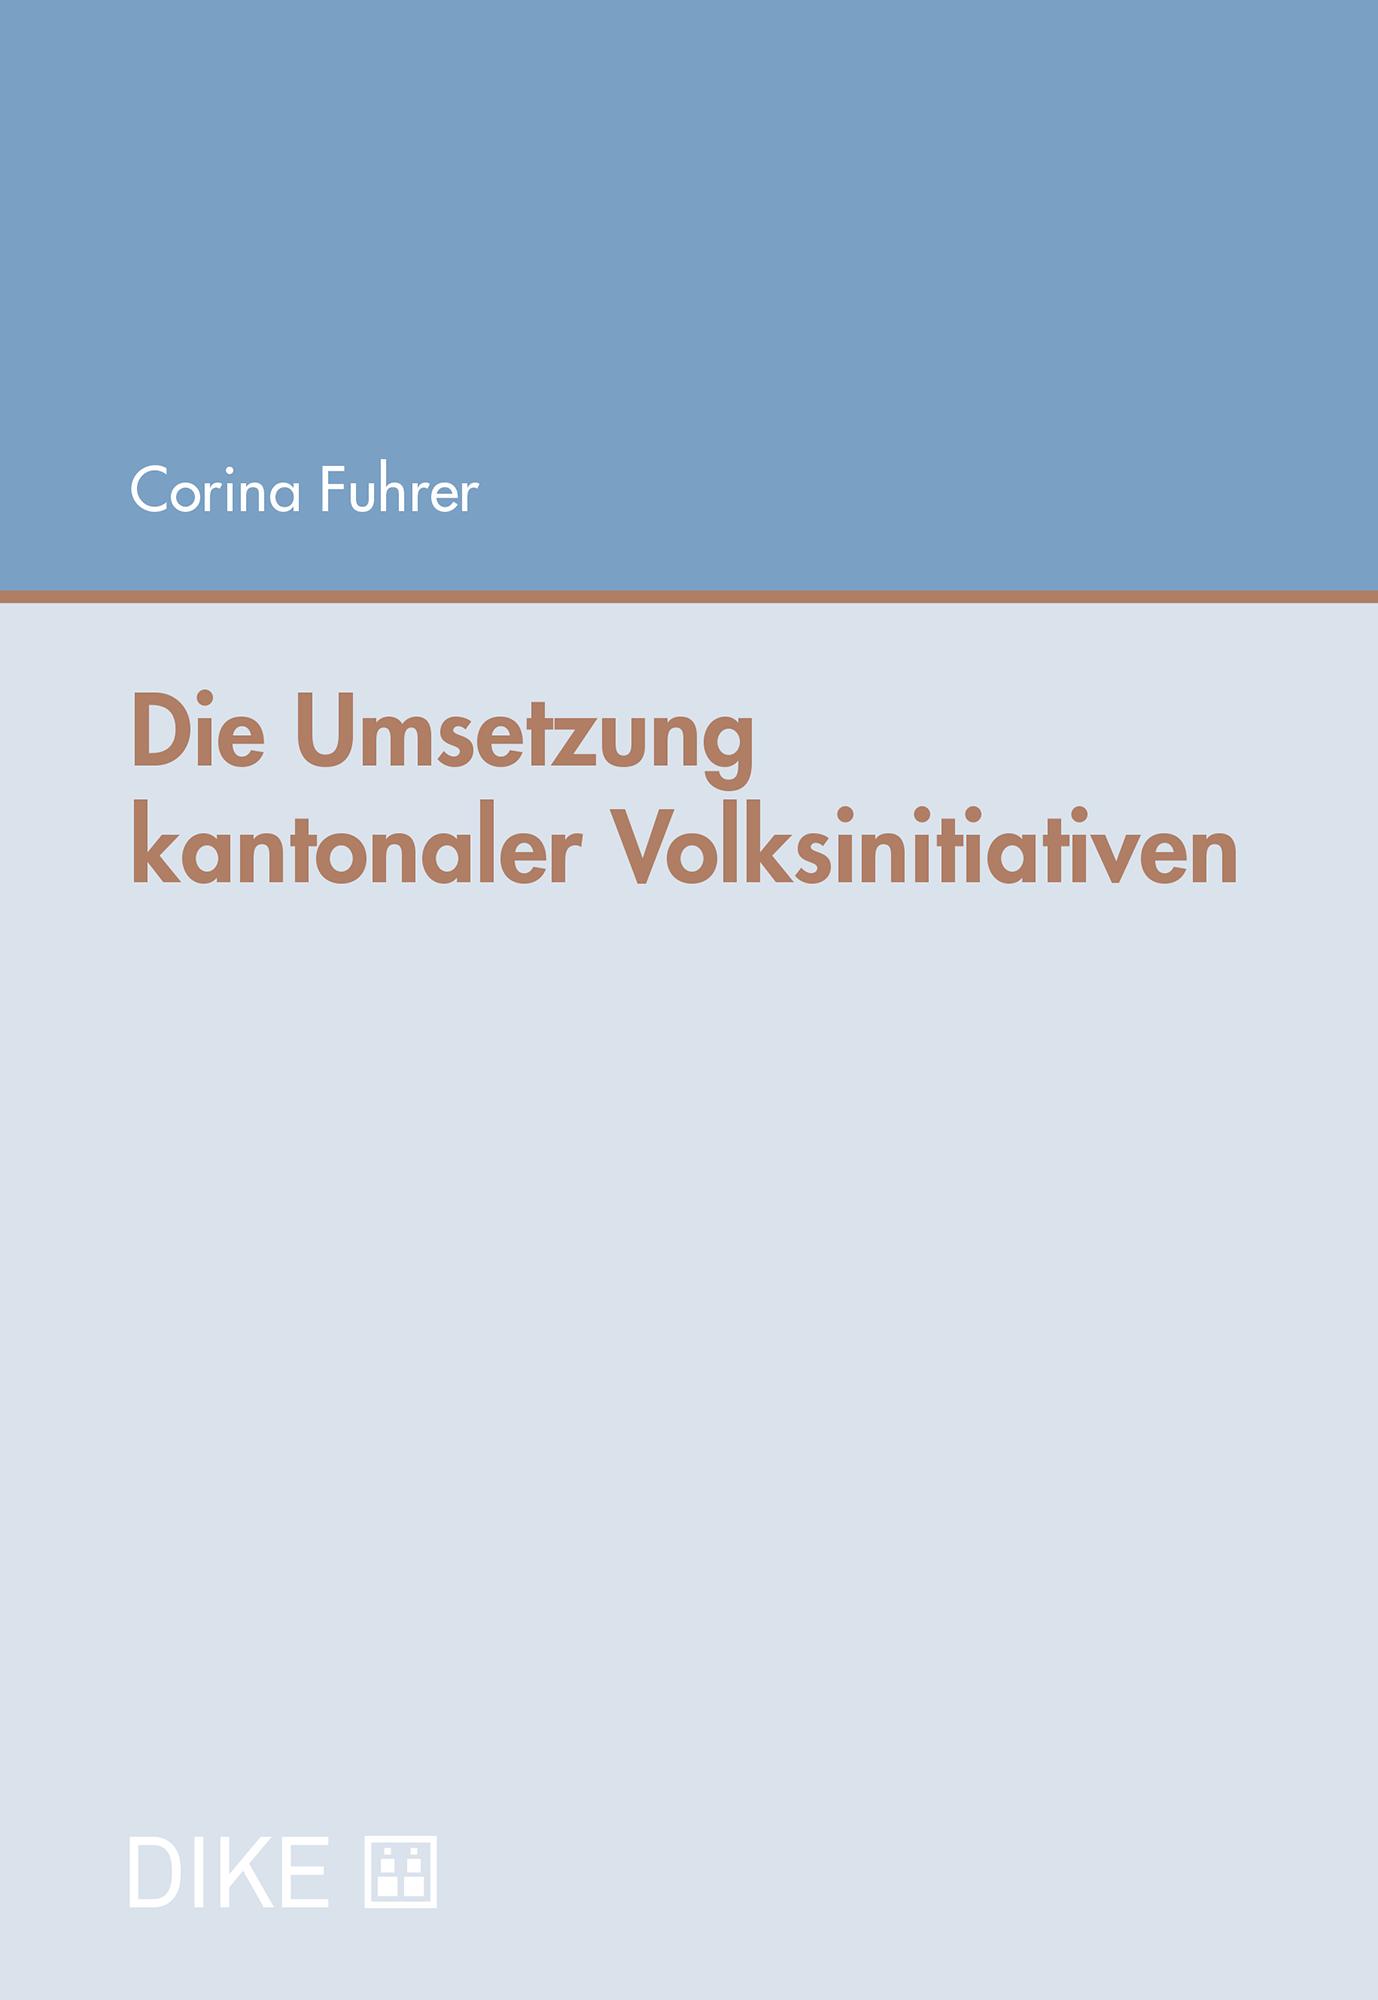 Die Umsetzung kantonaler Volksinitiativen